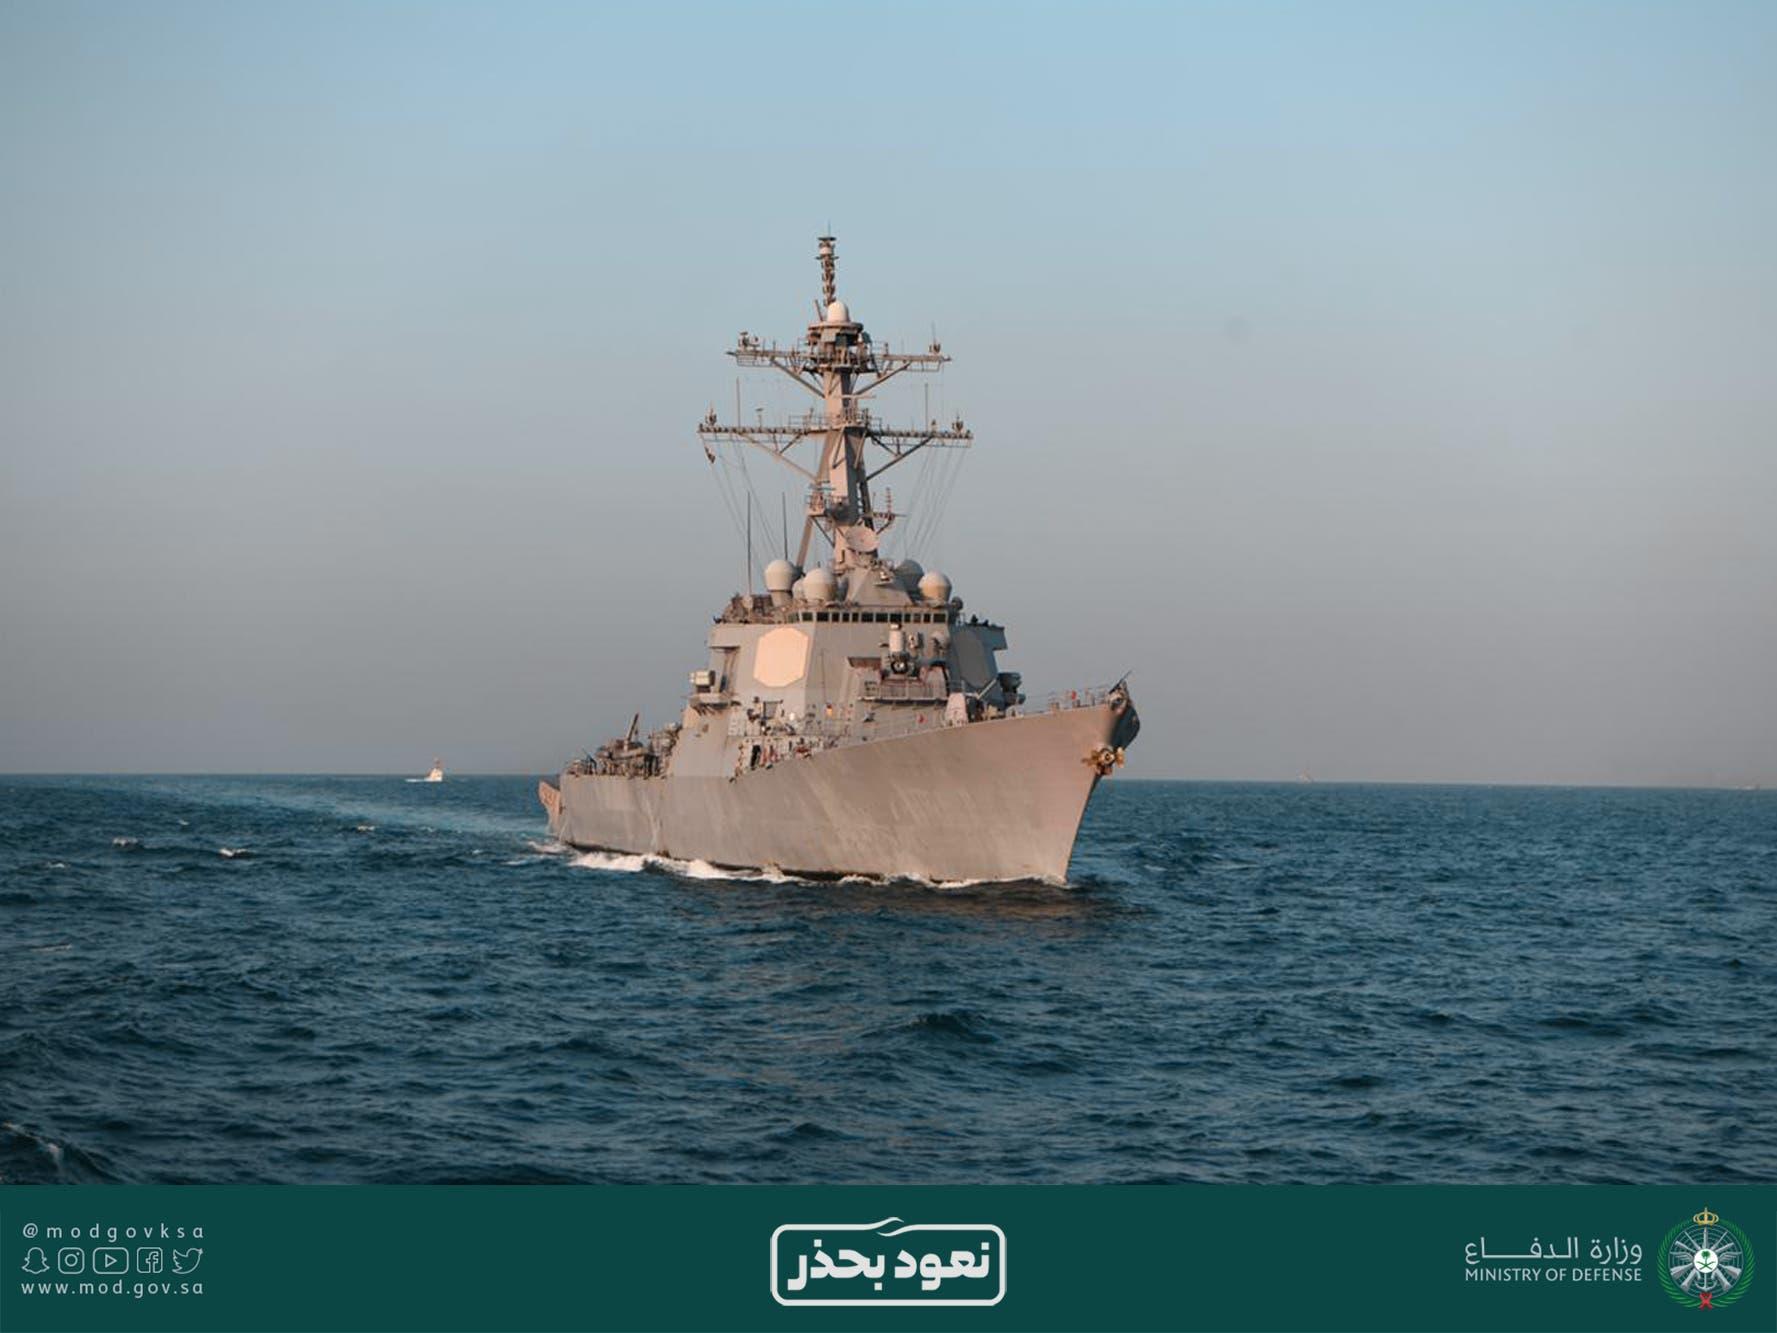 """من مناورات سابقة بمشاركة القوات البحرية الملكية السعودية """"أرشيفية"""""""